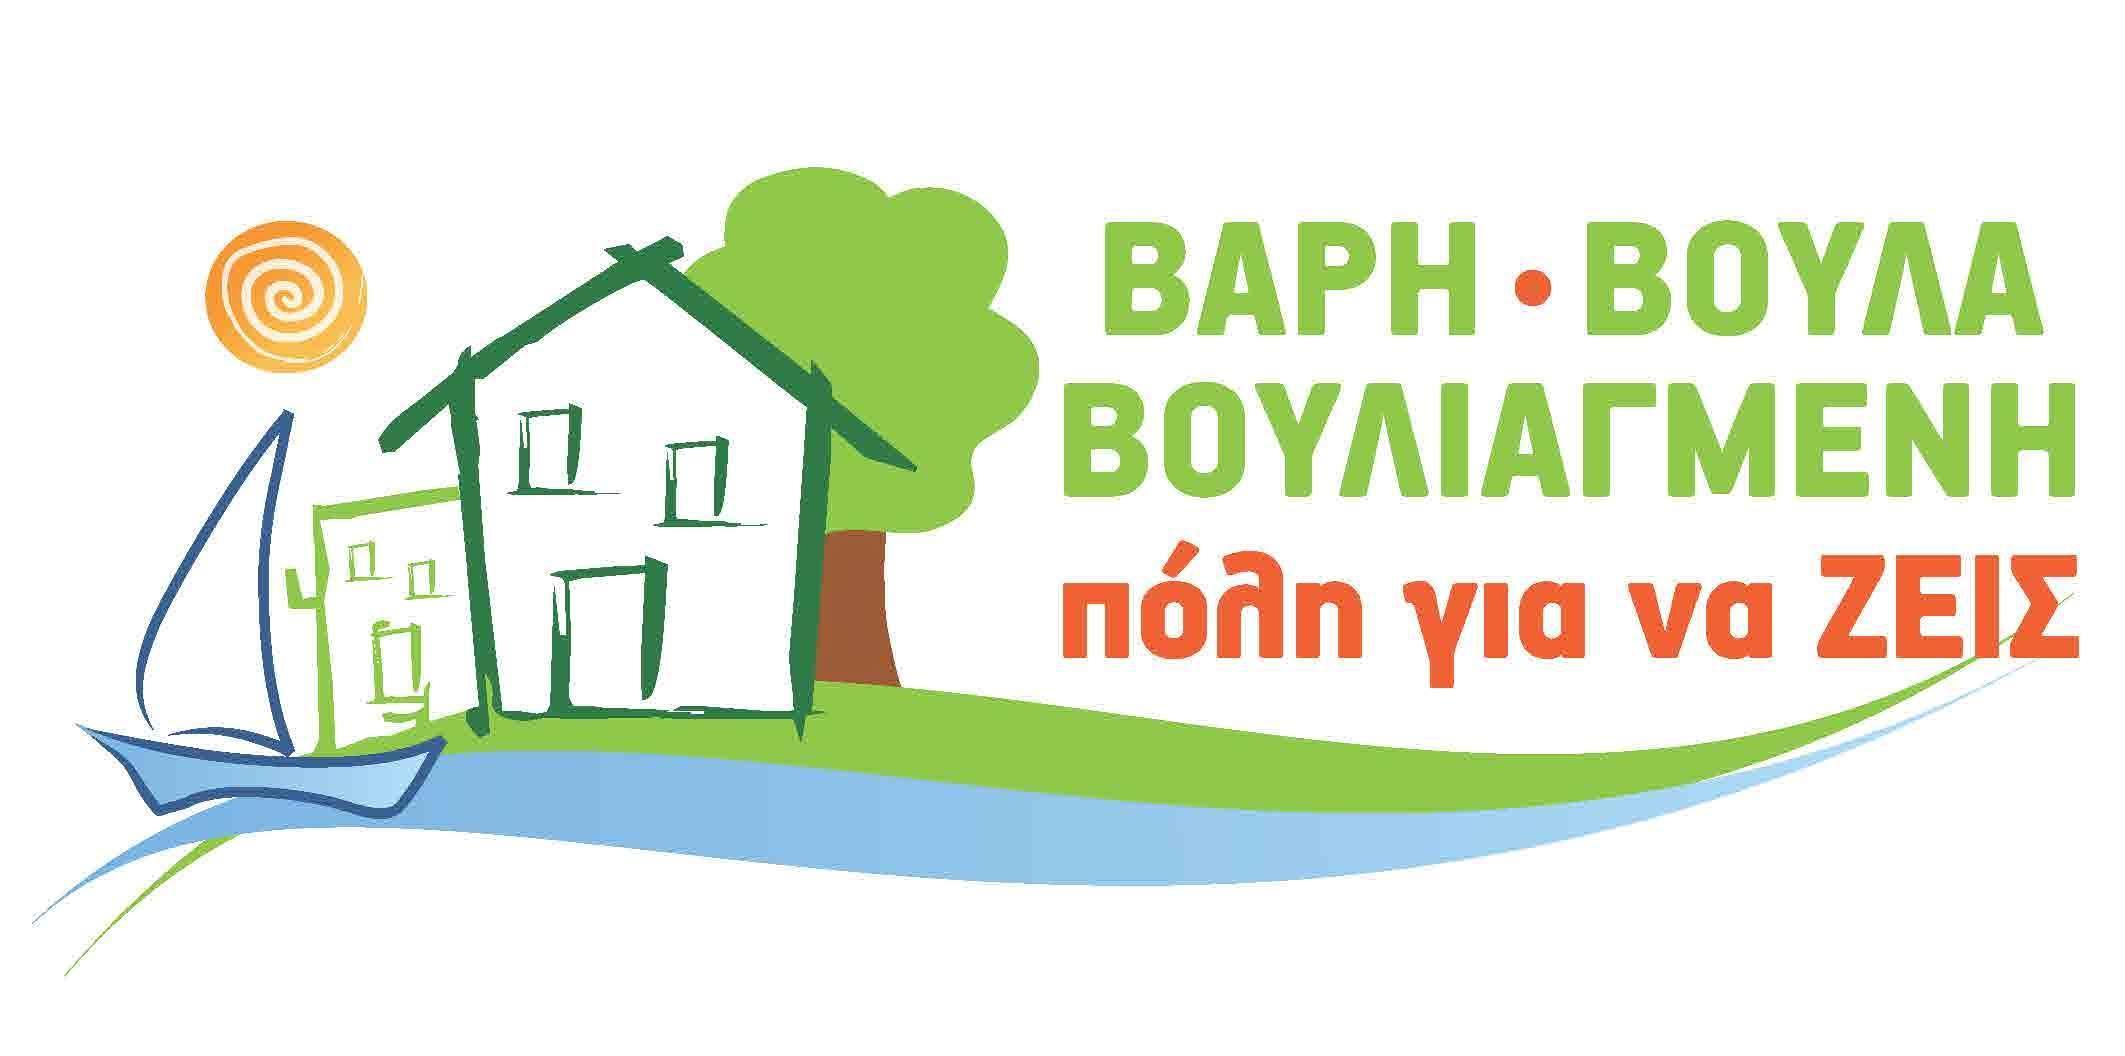 «Βάρη-Βούλα-Βουλιαγμένη, μια πόλη για να ζεις» — «των Ελλήνων οι Κοινότητες»